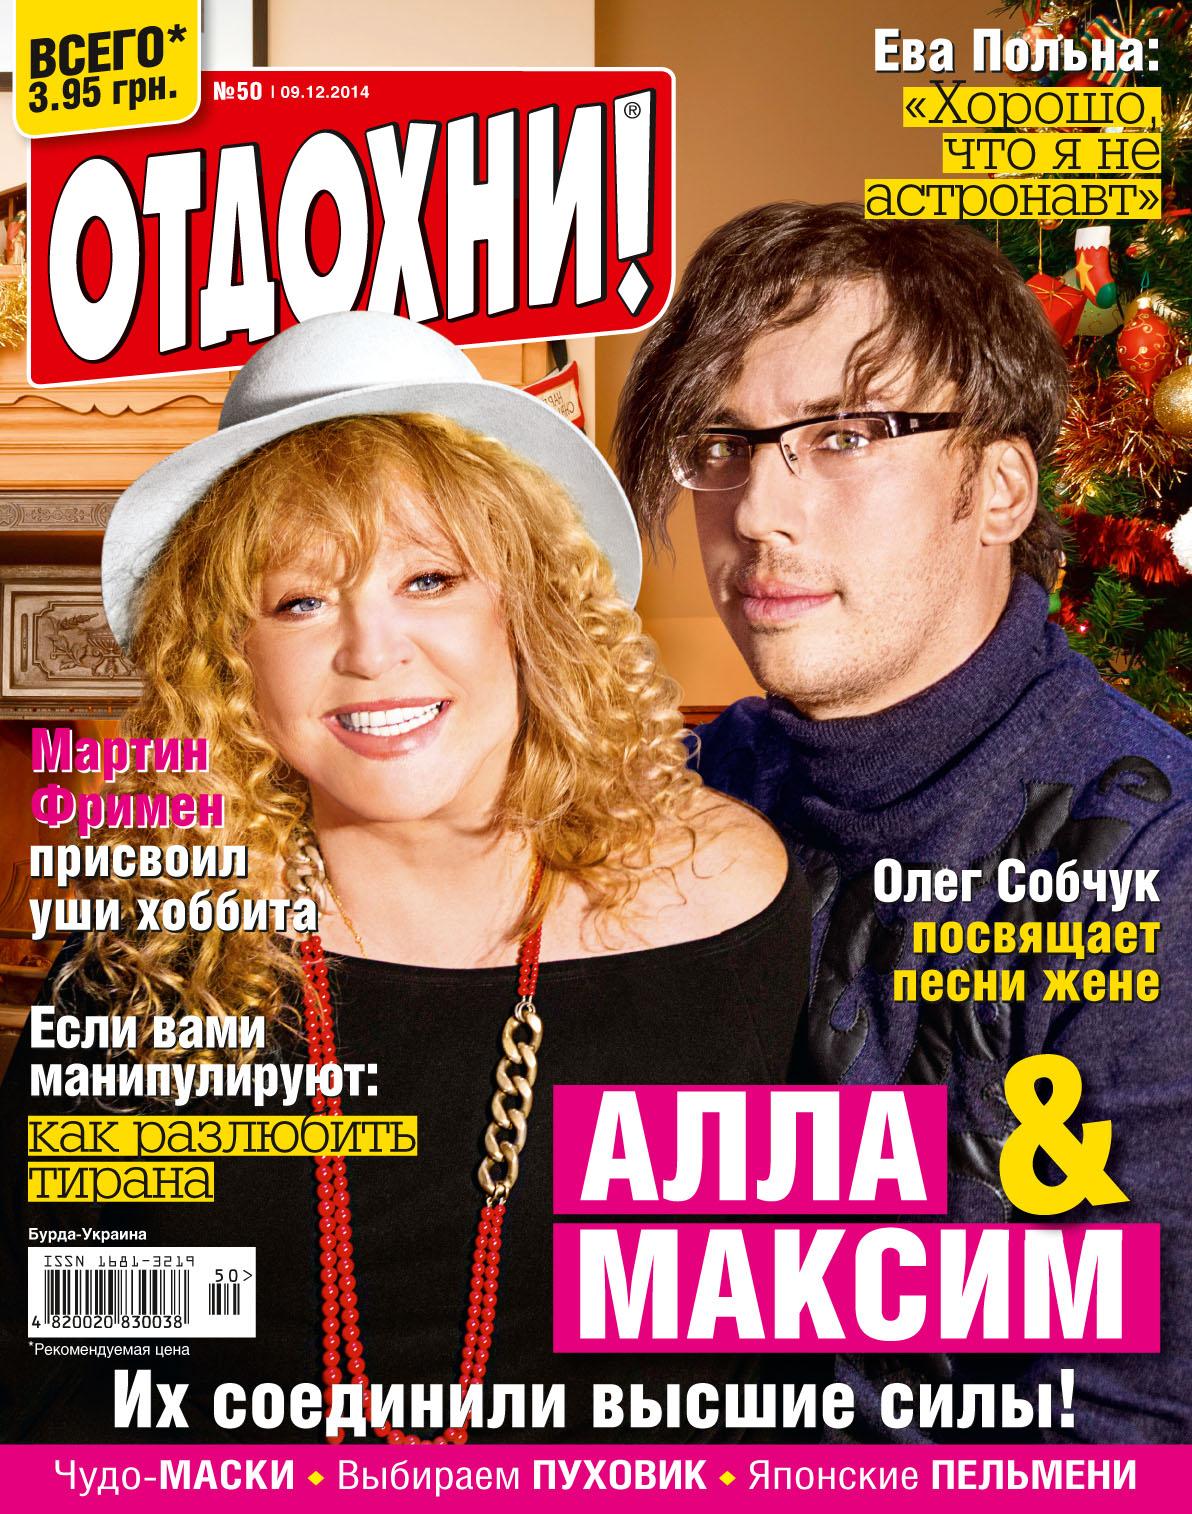 http://sa.uploads.ru/fbVMK.jpg